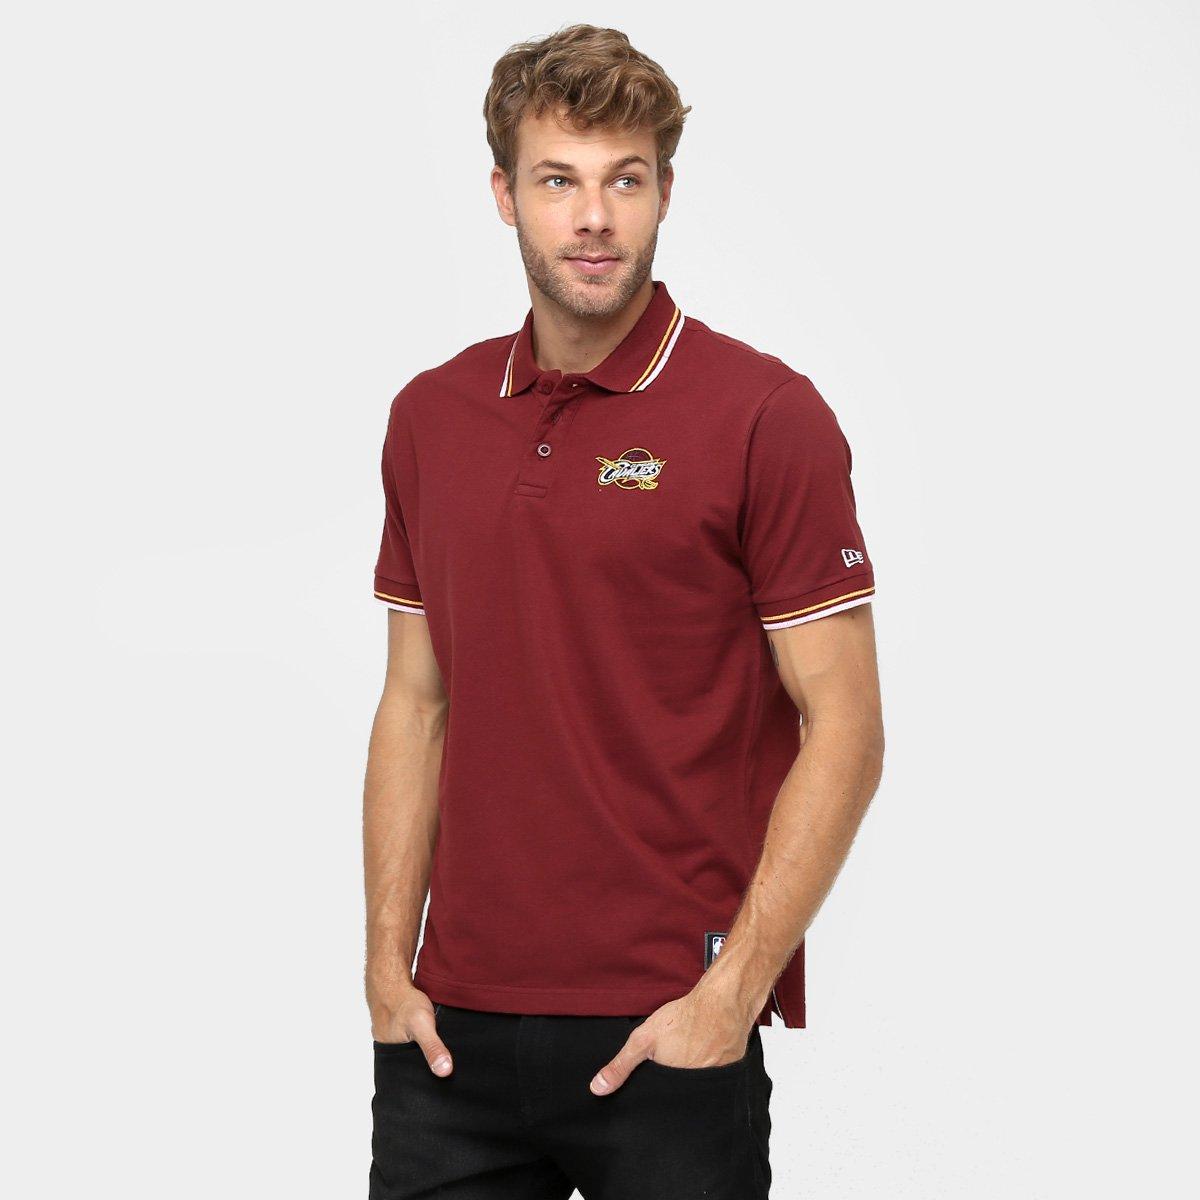 Camisa Polo New Era NBA Team Color Cleveland Cavaliers - Compre Agora  b574944b200